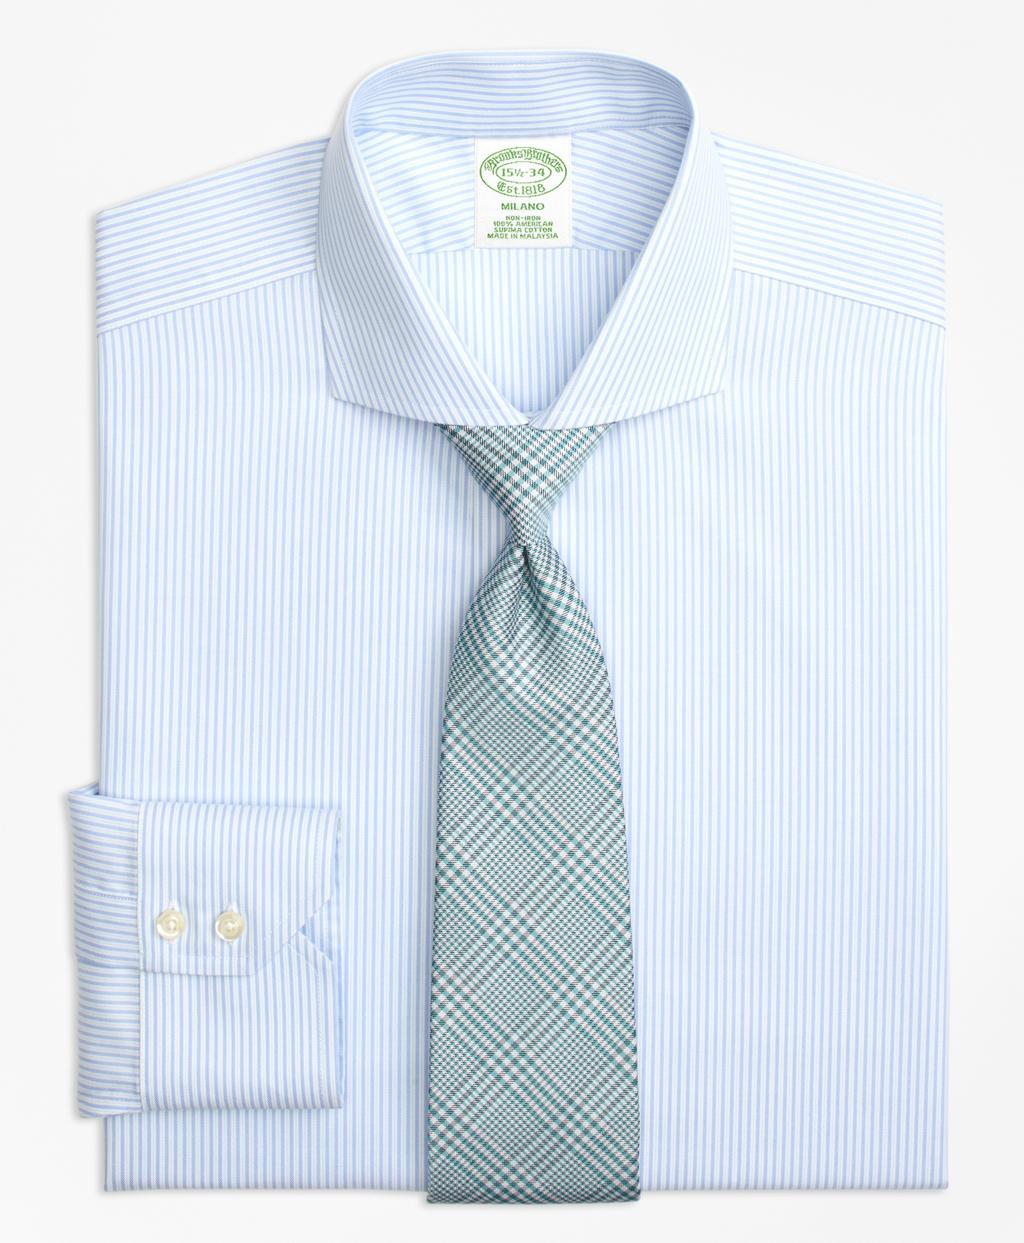 Lyst brooks brothers milano slim fit dress shirt non for Brooks brothers dress shirt fit